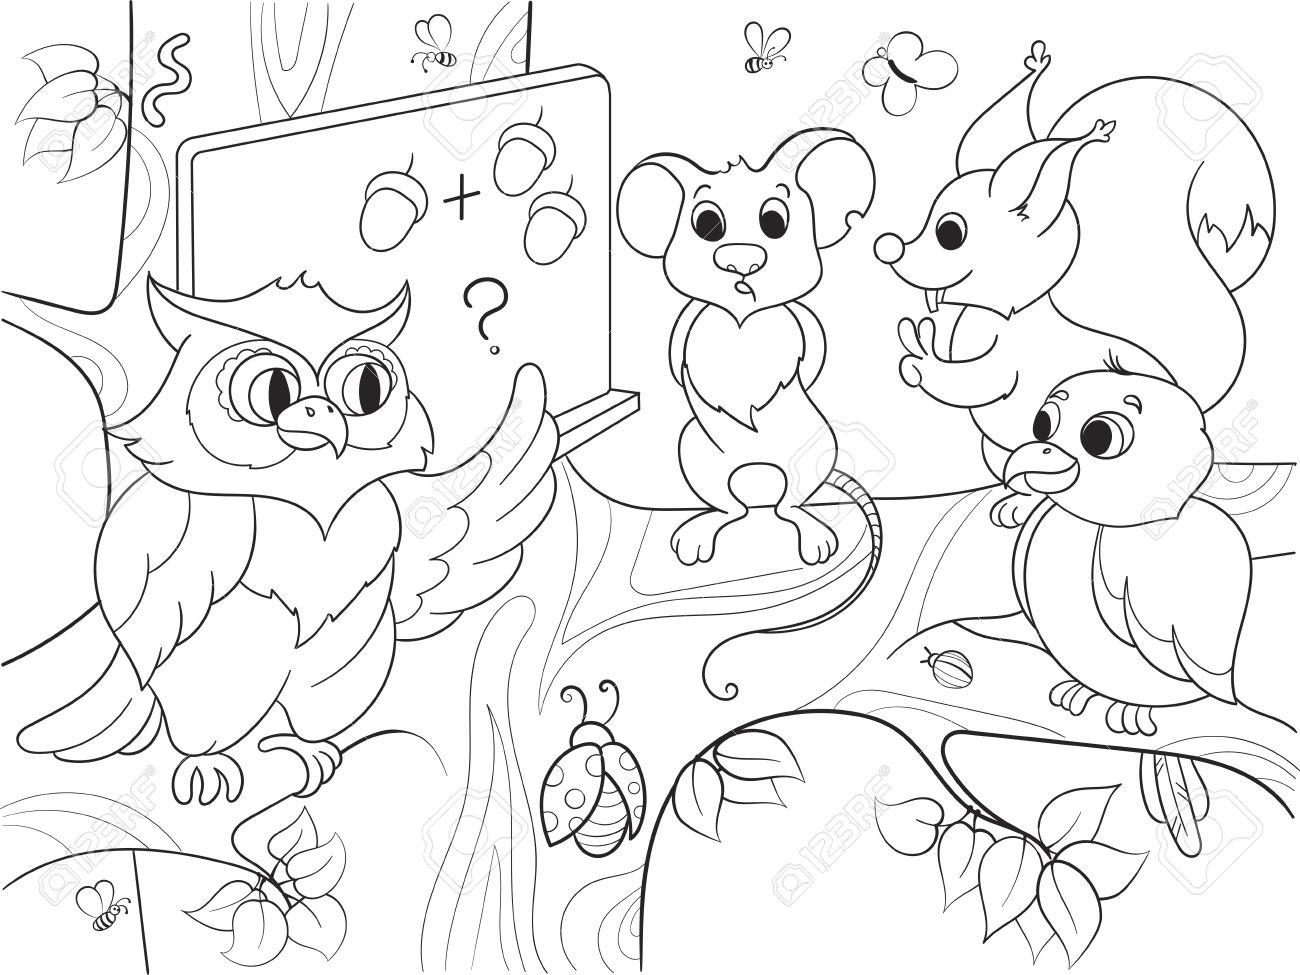 Lección En La Escuela De Un Búho En El Bosque Libro Para Colorear Para Niños Ilustración Vectorial De Dibujos Animados Ratón Blanco Y Negro